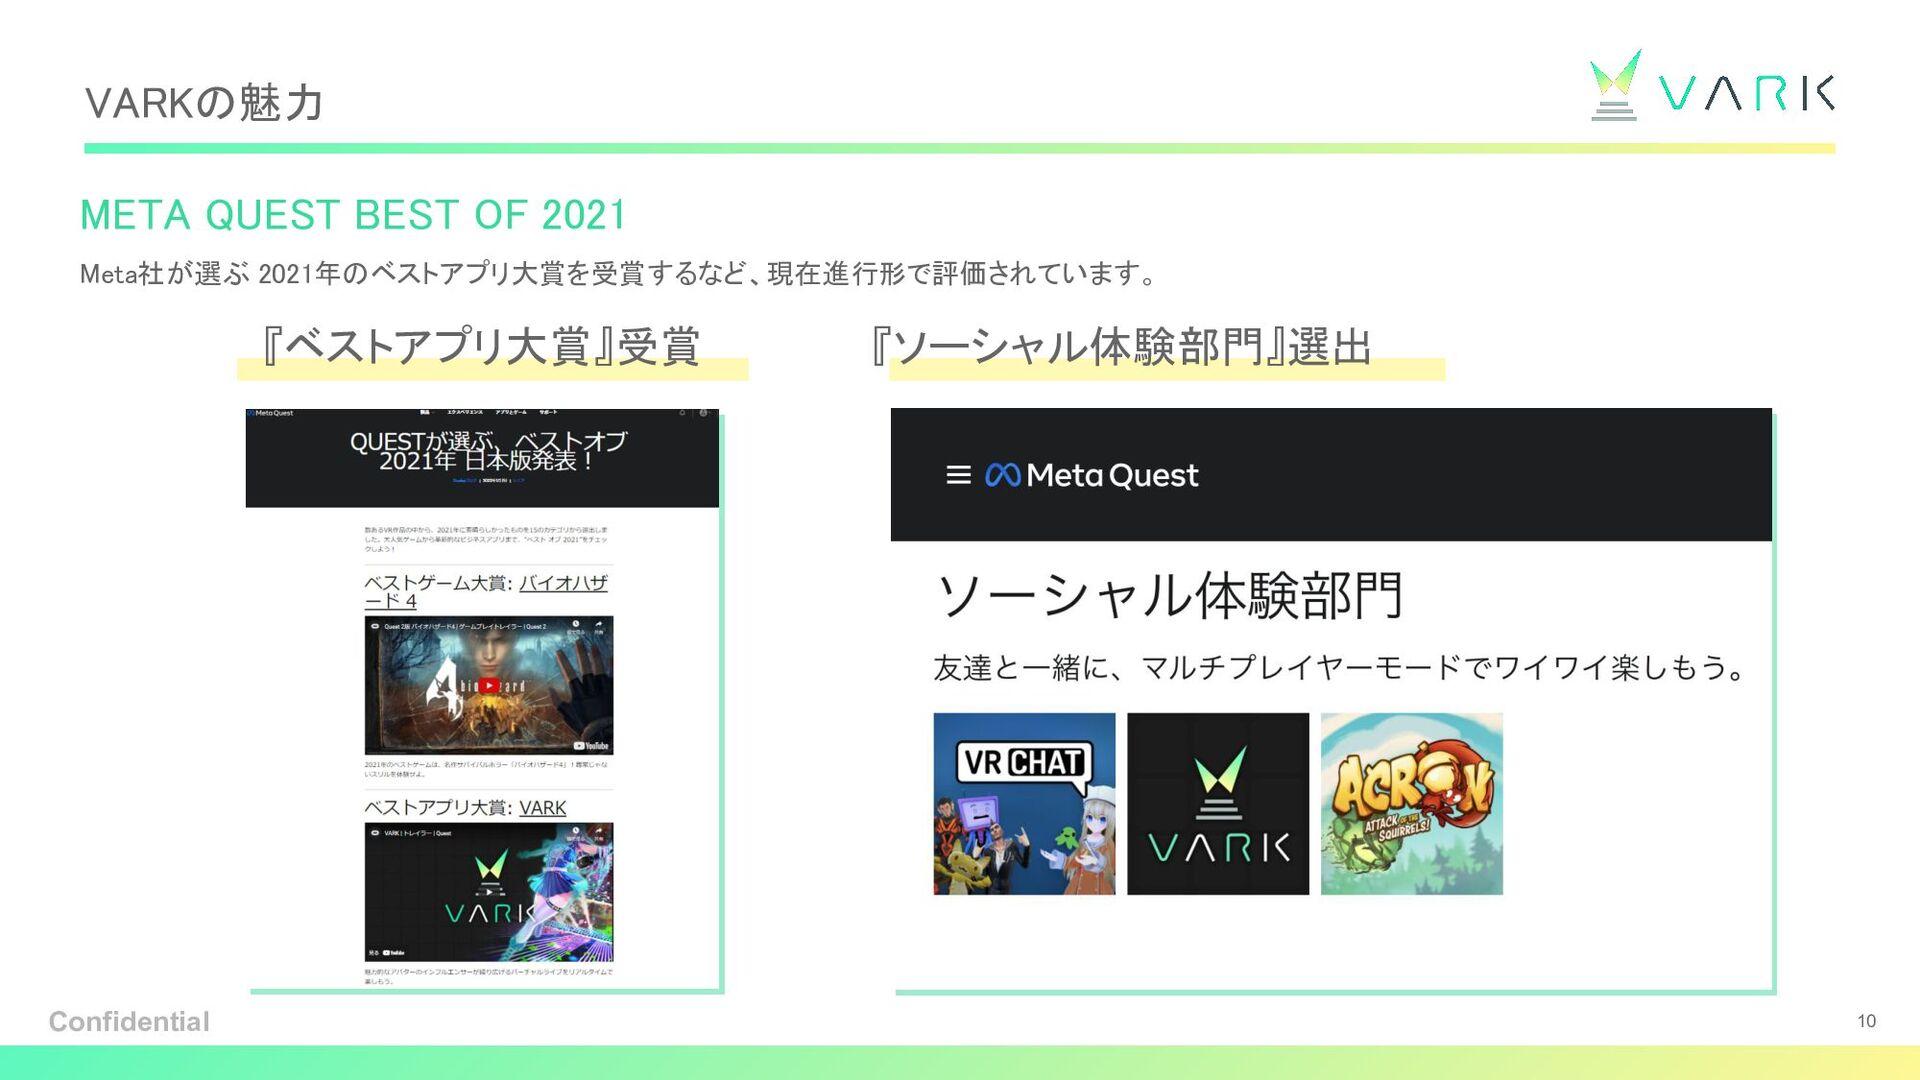 ユーザー にとっての VARK VARKの魅力 バーチャルだからこそできる、 制約のない自由な...